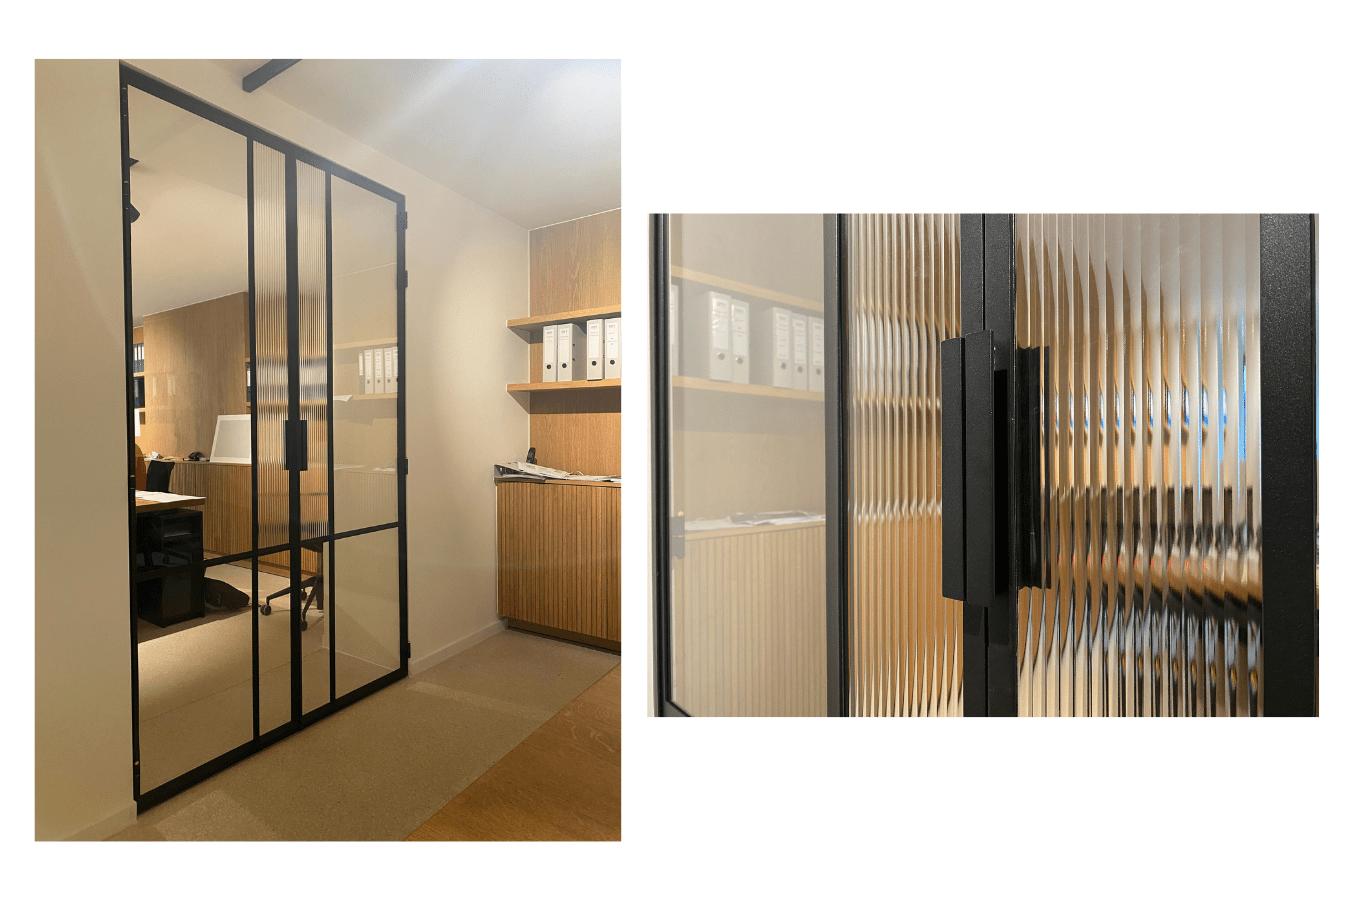 minimalistische stalen taatsdeuren in luxewoning